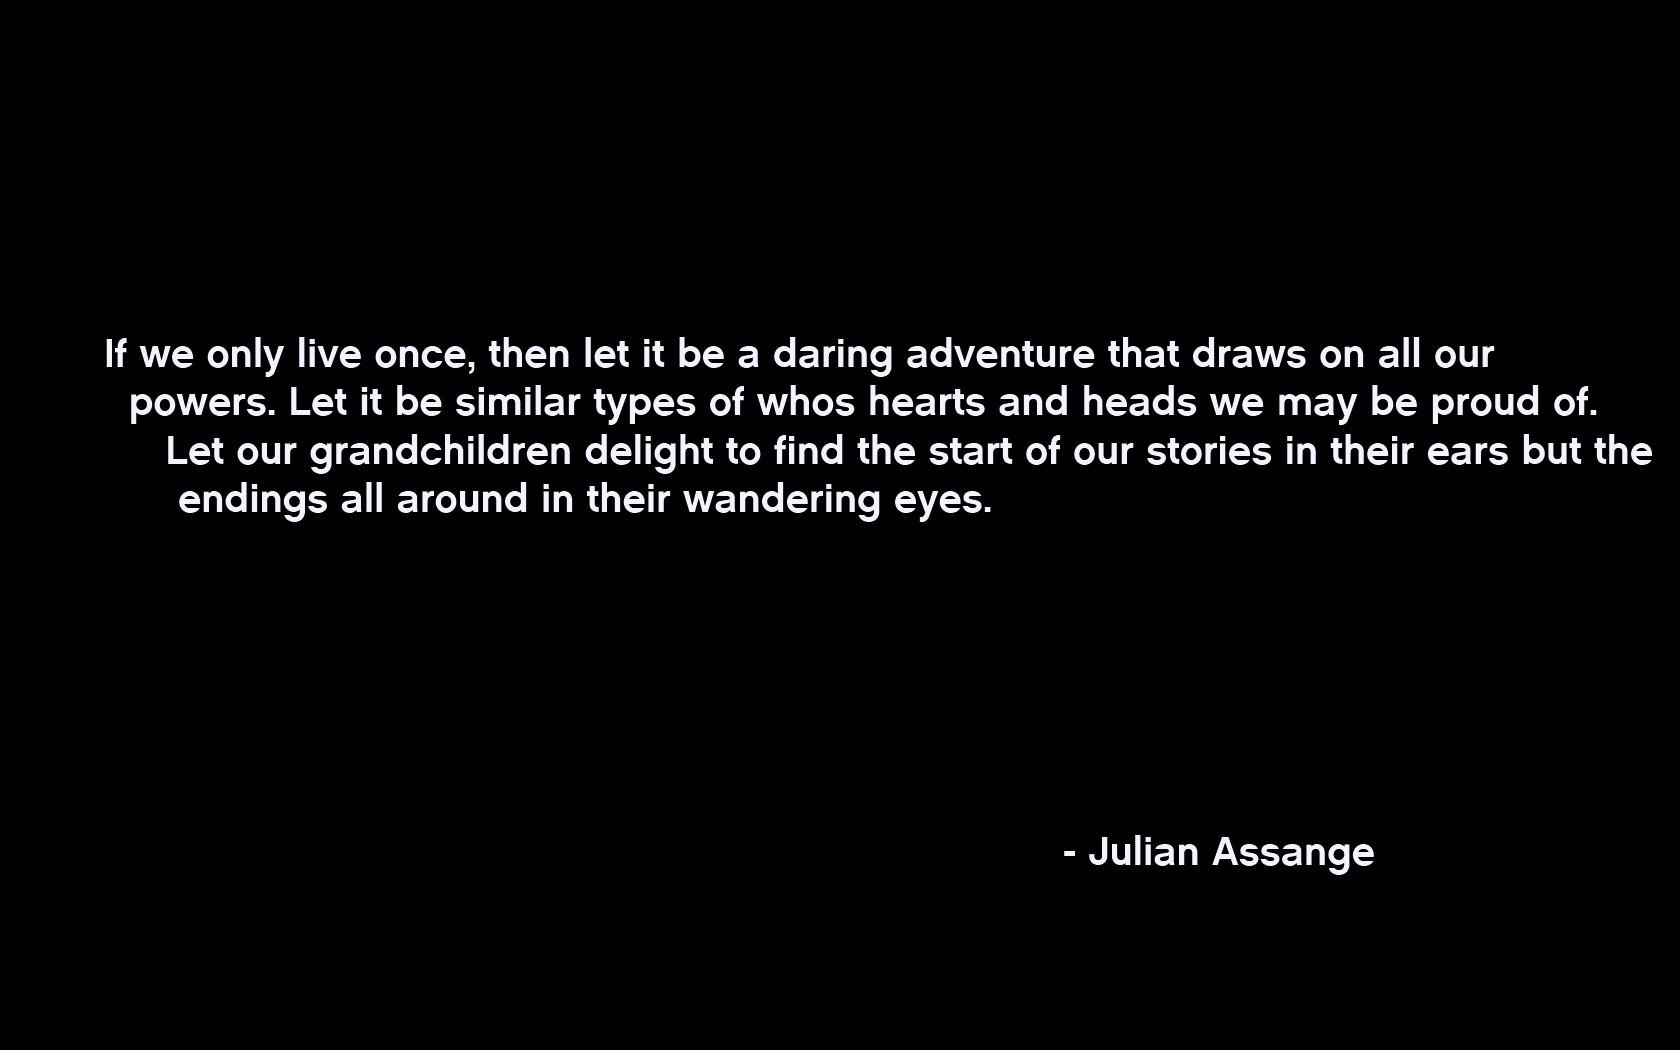 Adventure Quotes Quotesgram: Amazing Adventure Quotes. QuotesGram